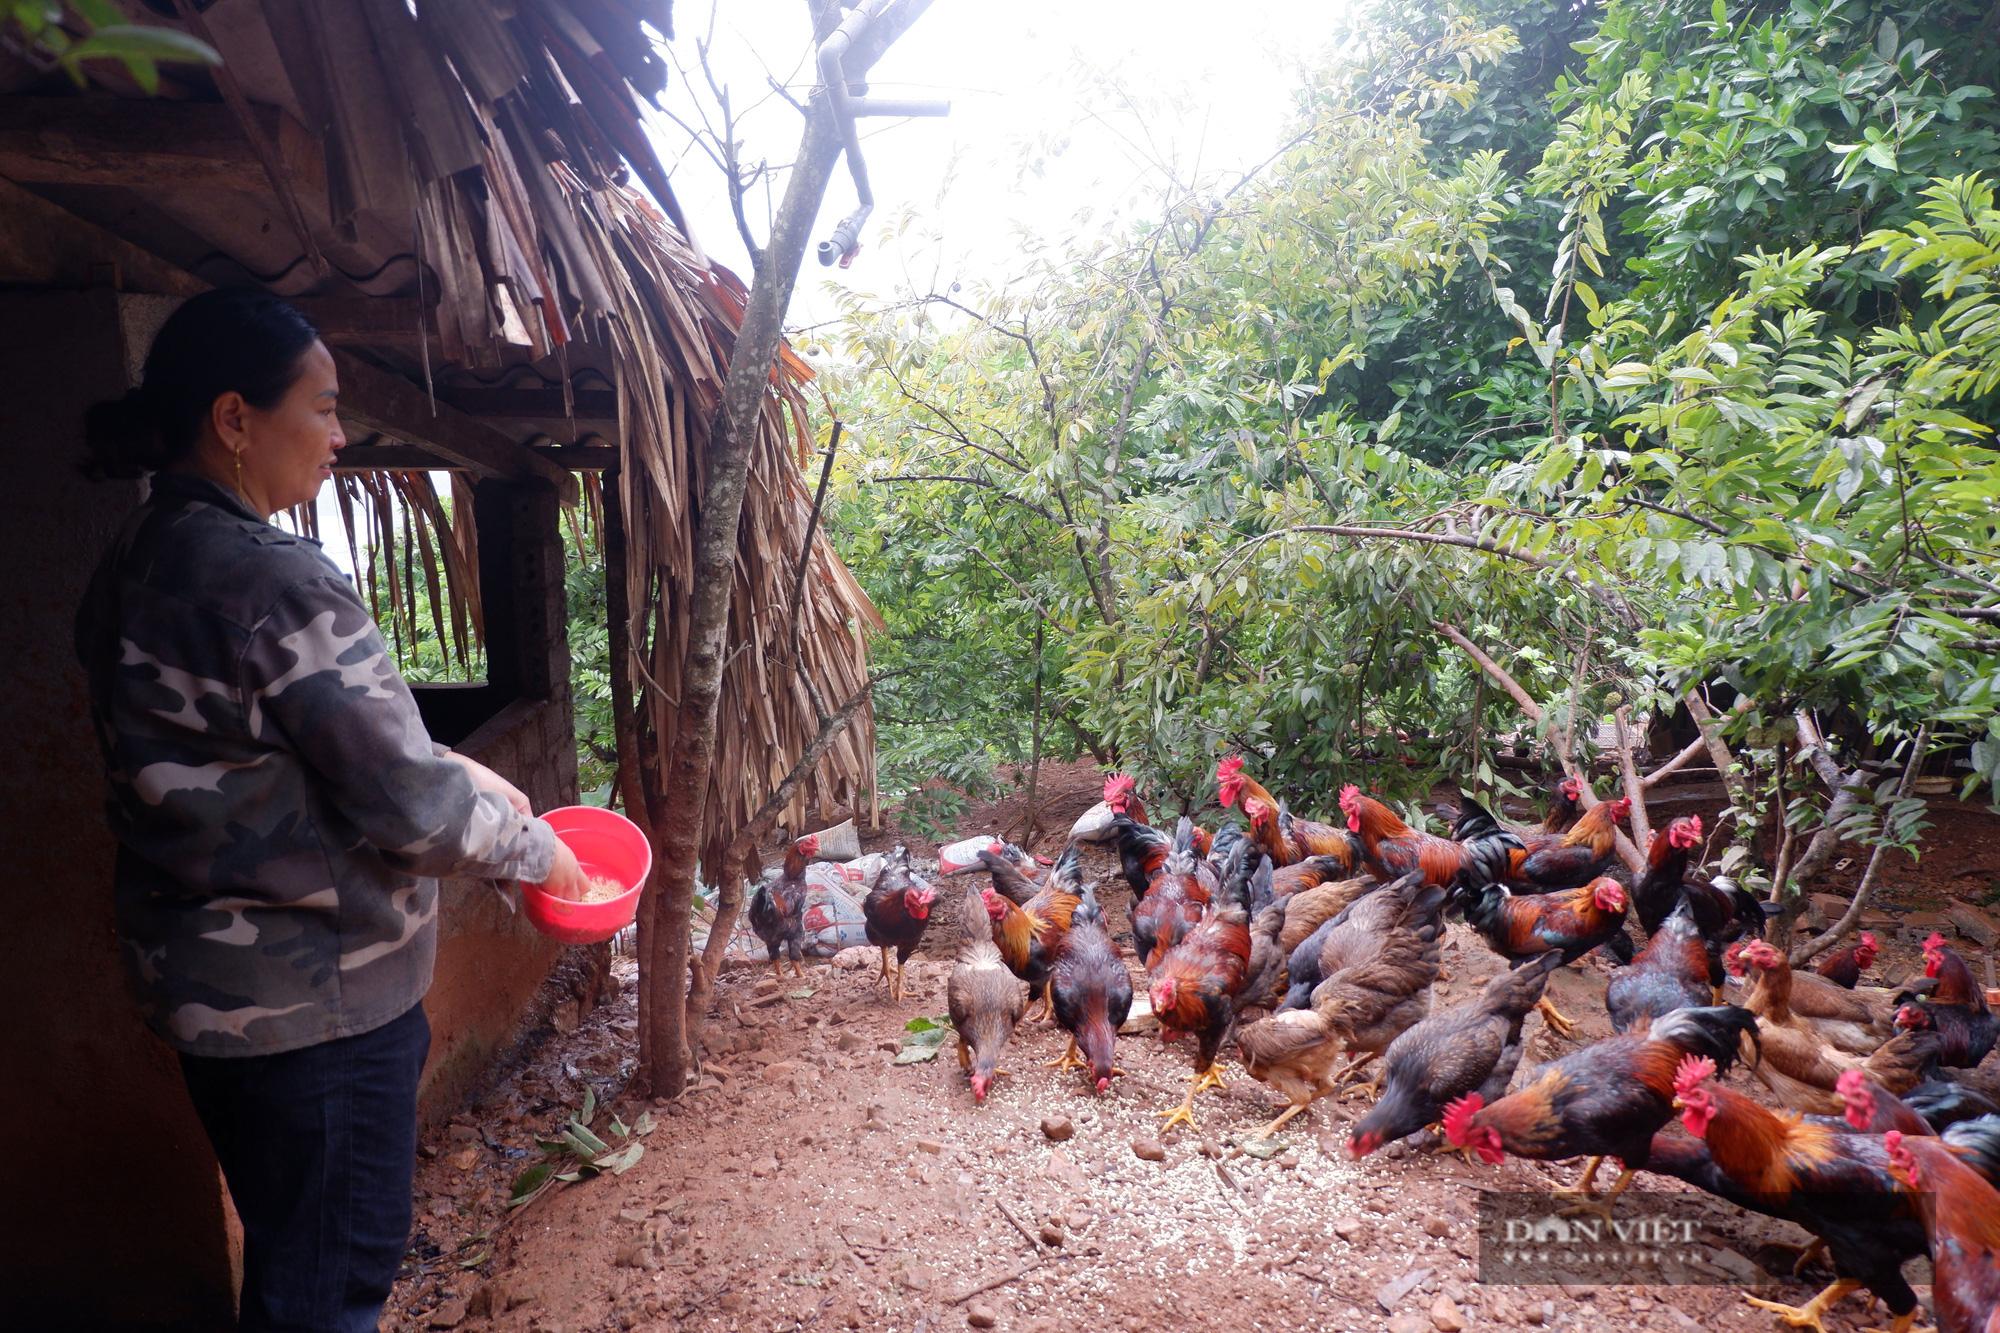 Hà Giang: Trên trồng thứ na đặc sản, dưới nuôi gà chạy bộ đầy vườn, dân ở đây thu hàng trăm triệu/năm không hiếm - Ảnh 5.